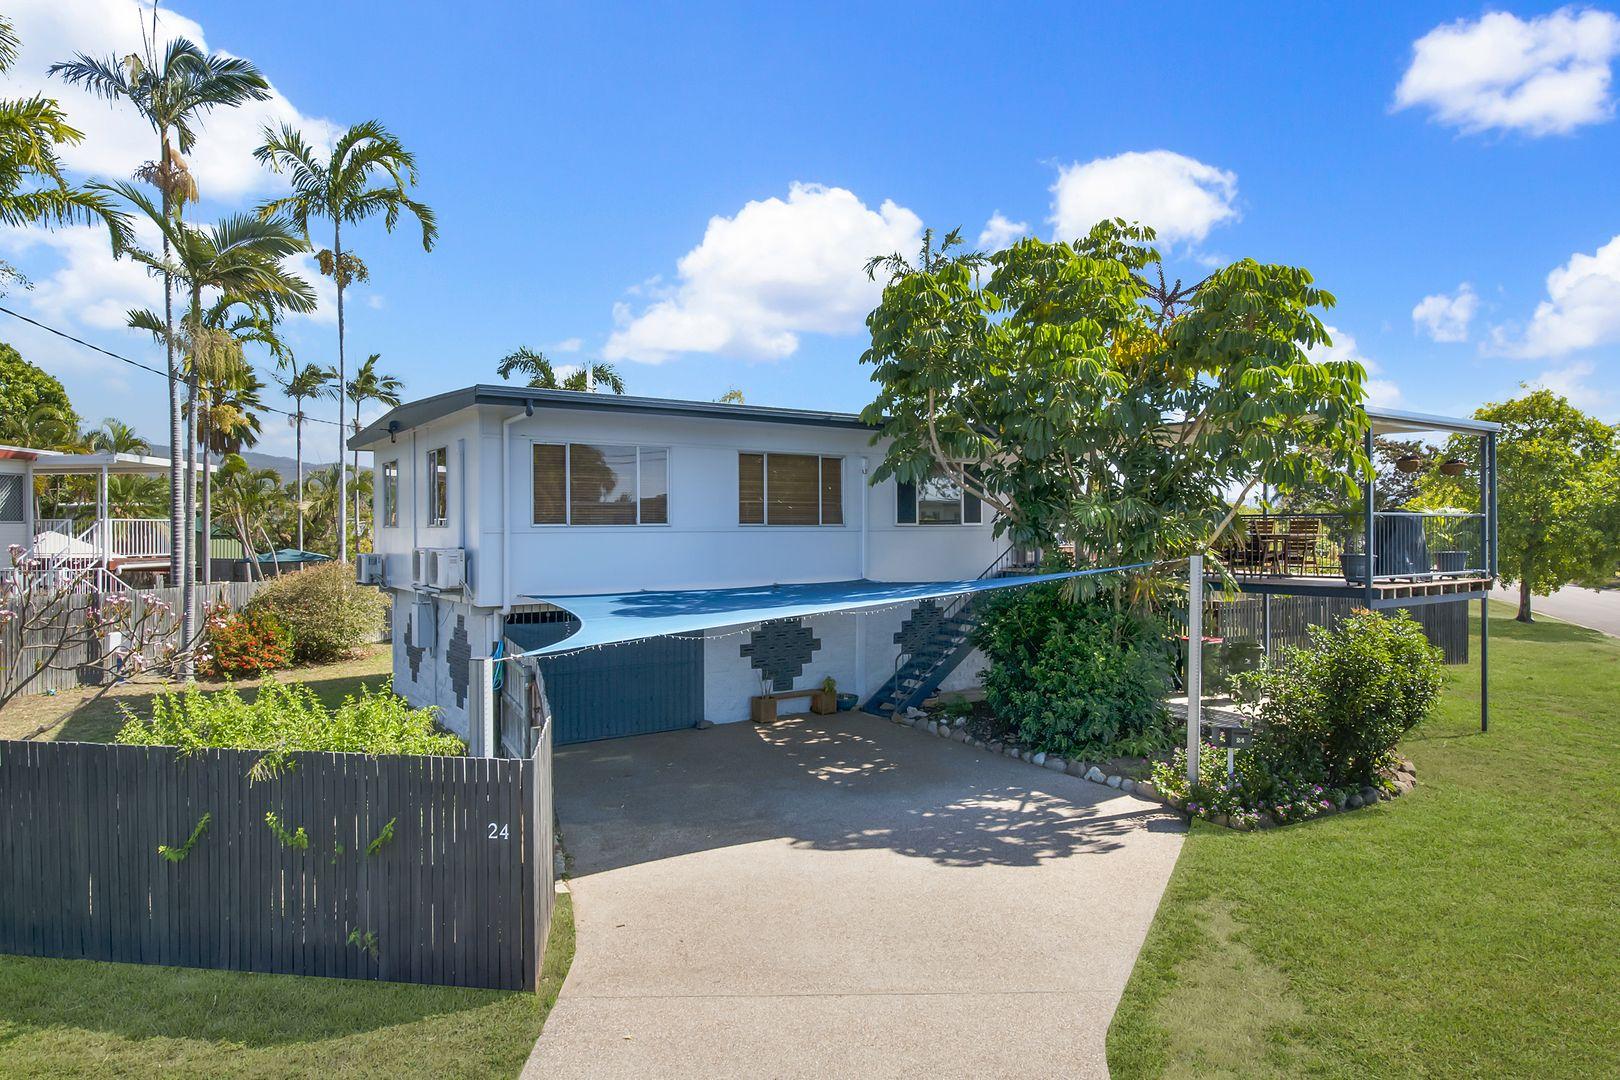 24 Gerona Avenue, Kirwan QLD 4817, Image 0